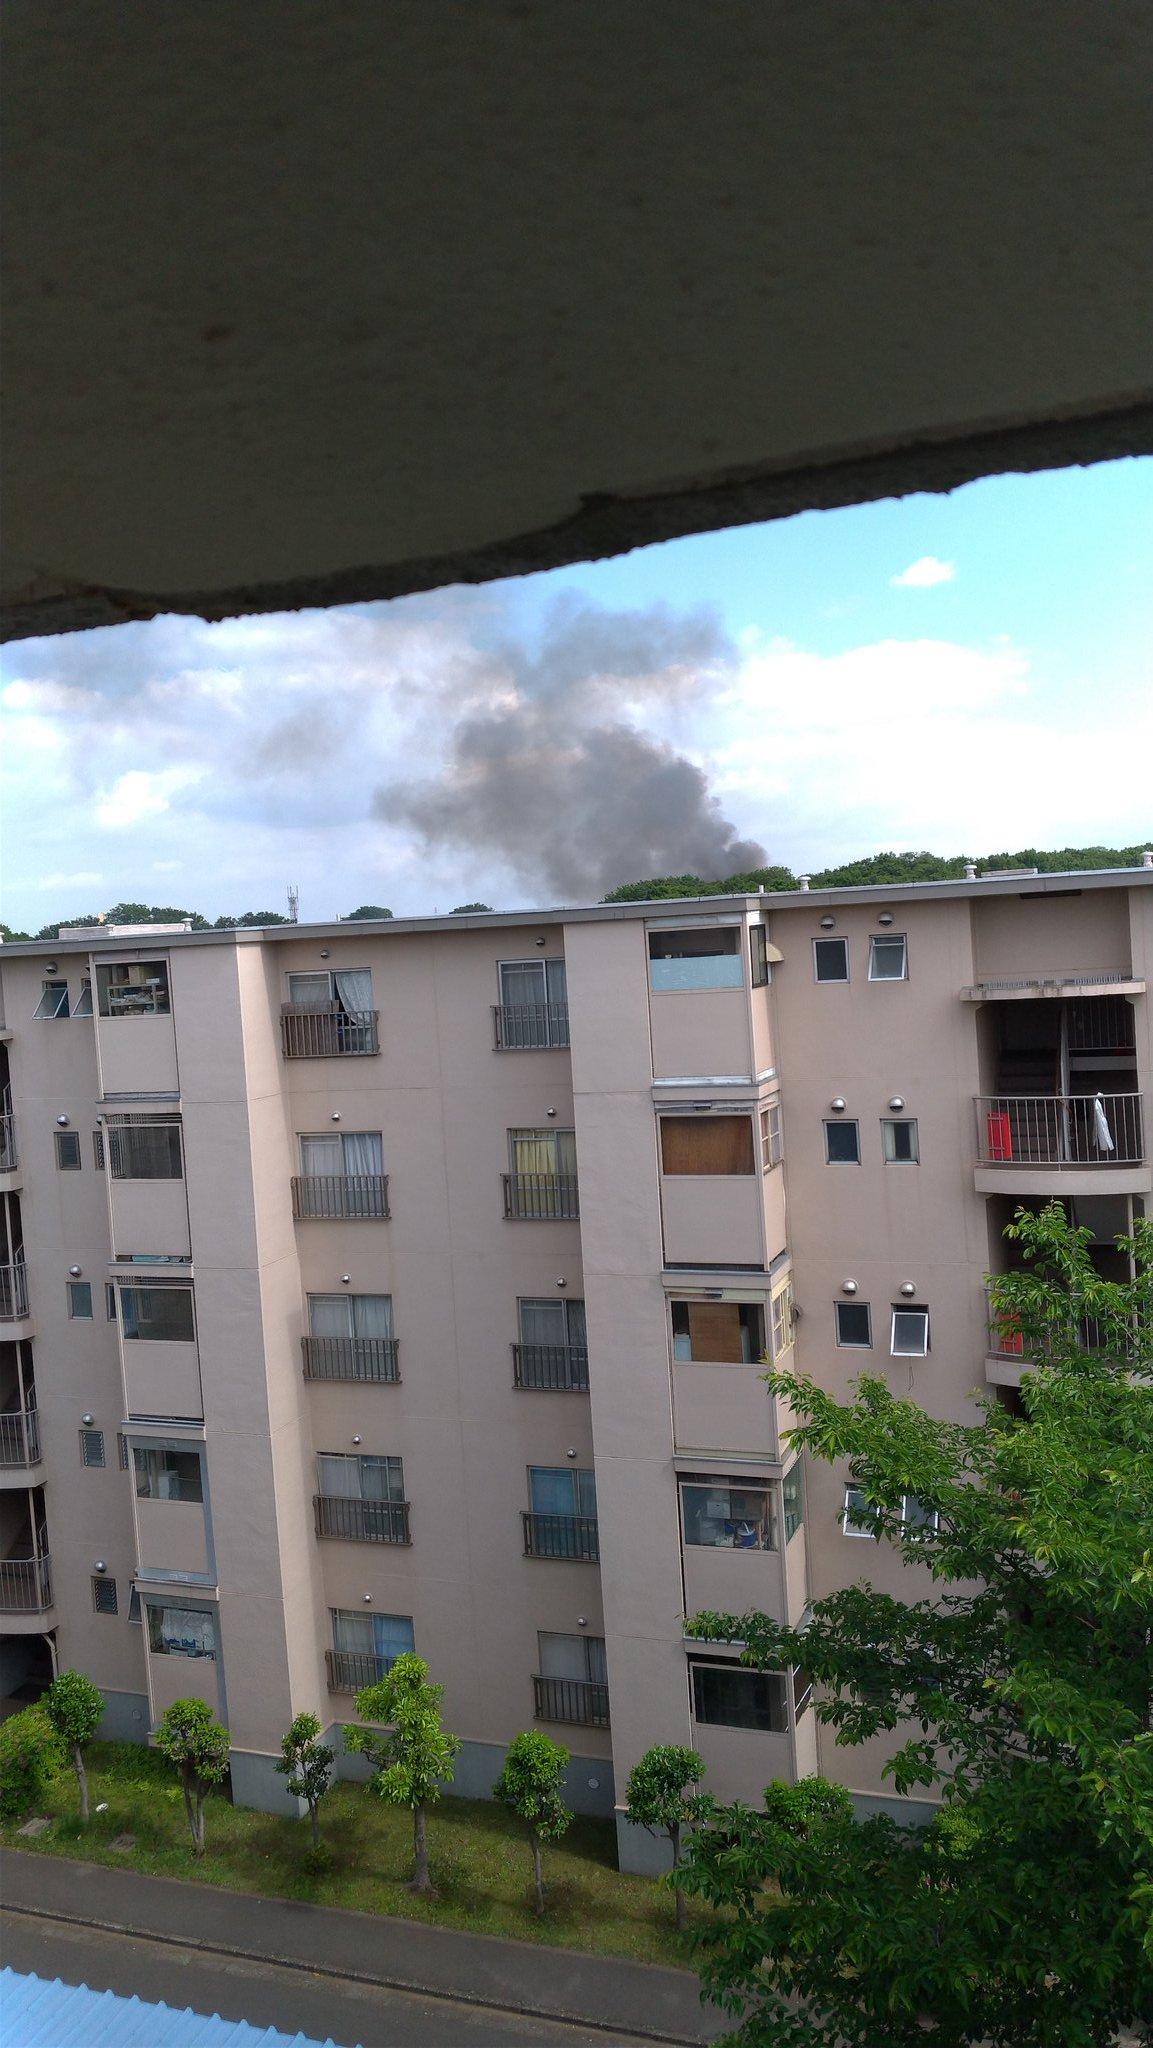 画像,家近く火事やんけ https://t.co/tYM3hYJAuL。